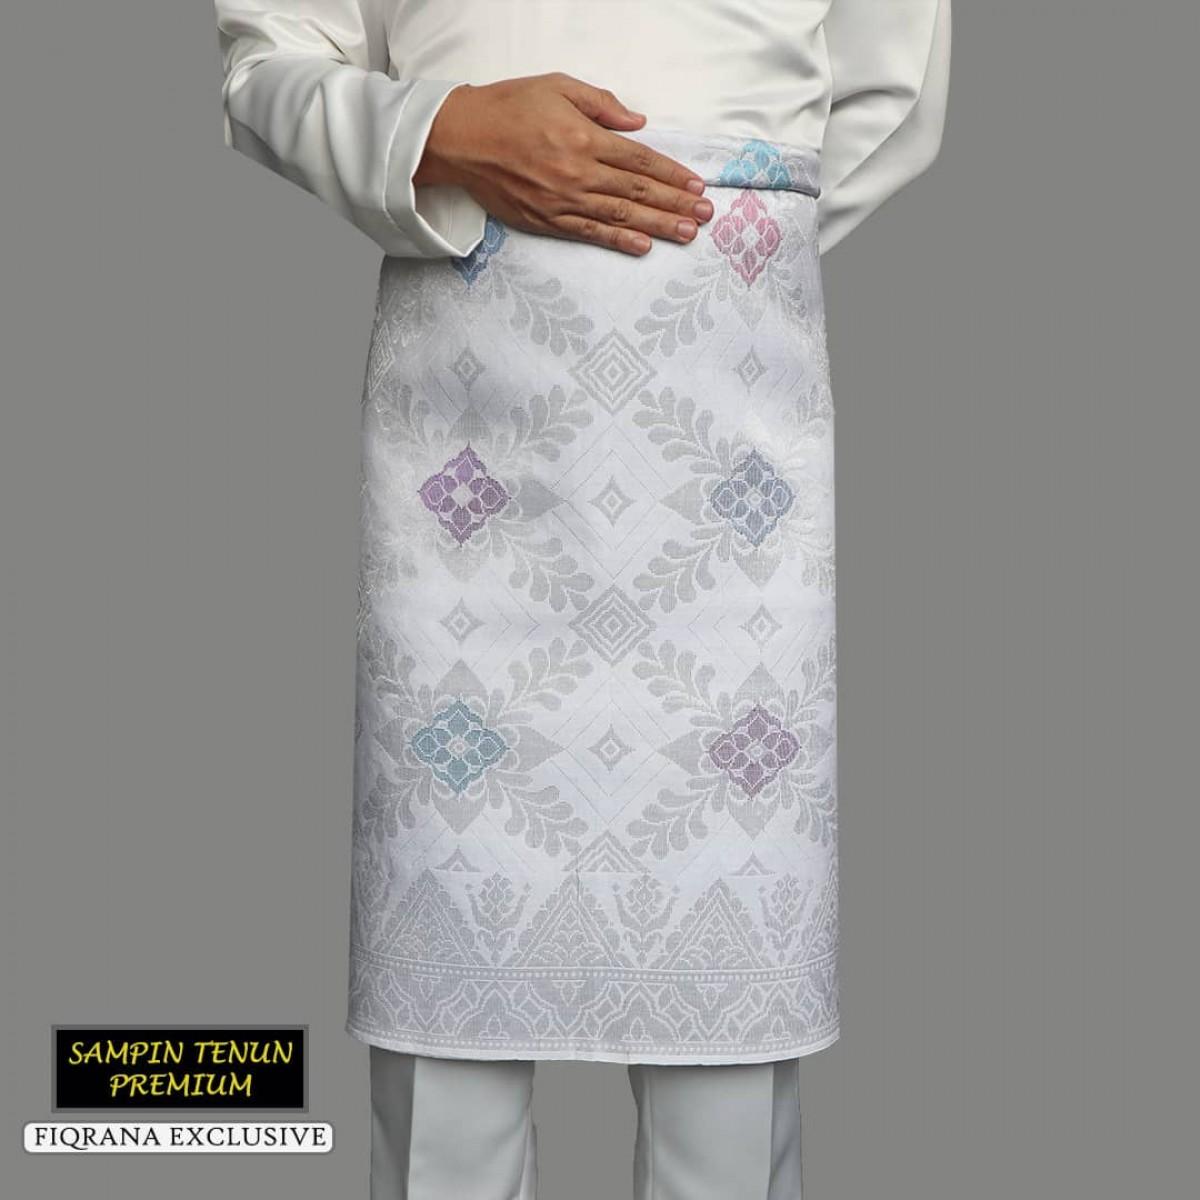 Sampin Tenun Premium - Fiqrana Exclusive